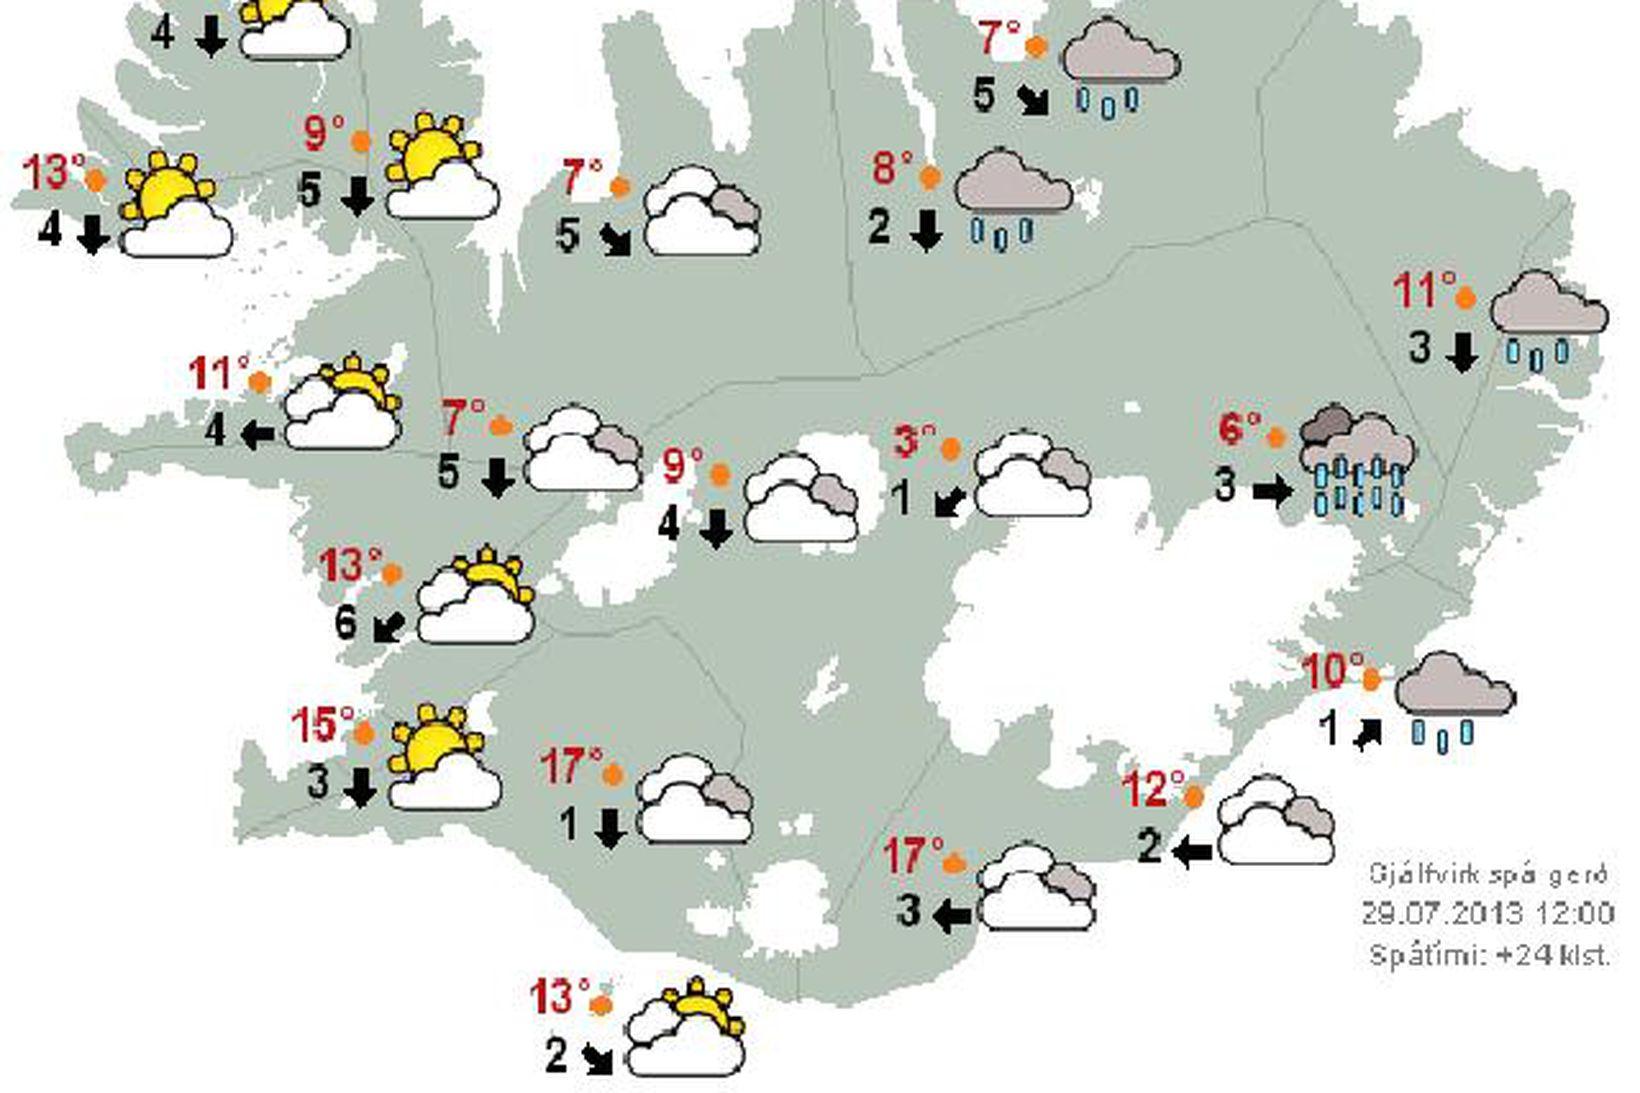 Vefur Veðurstofunnar er sá hraðasti á landinu samkvæmt mælingum Íslandsvaktarinnar.